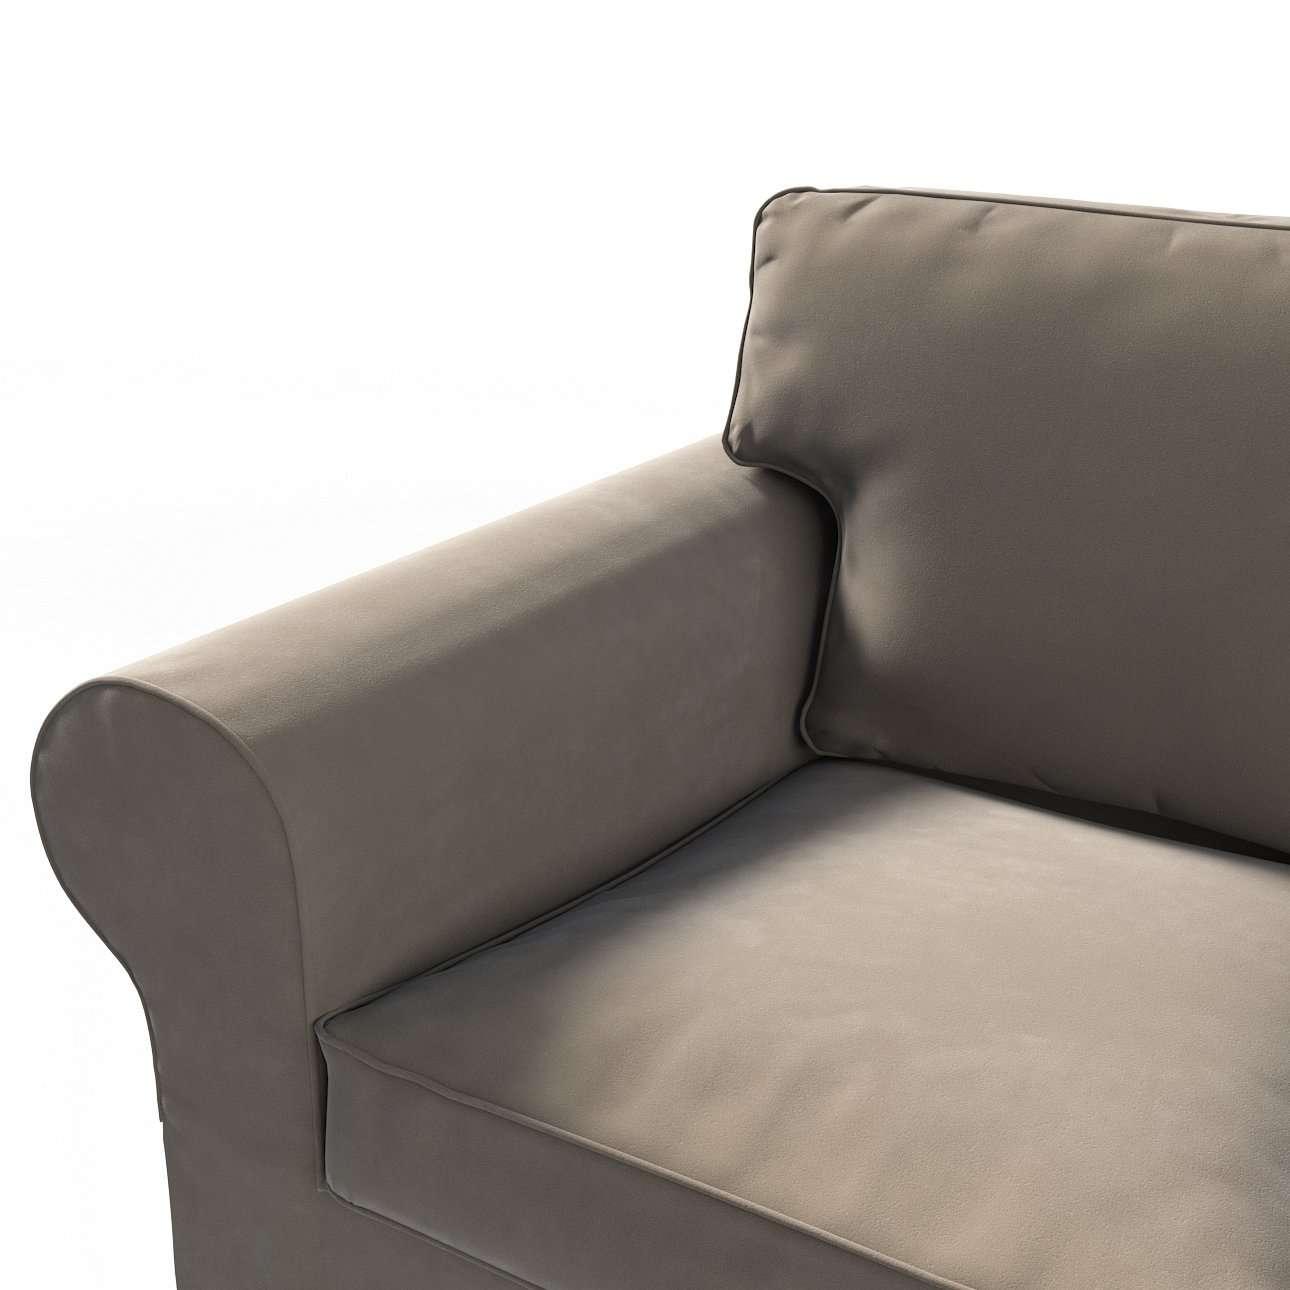 Poťah na sedačku Ektorp (rozkladacia, pre 2 osoby) STARÝ MODEL V kolekcii Velvet, tkanina: 704-19